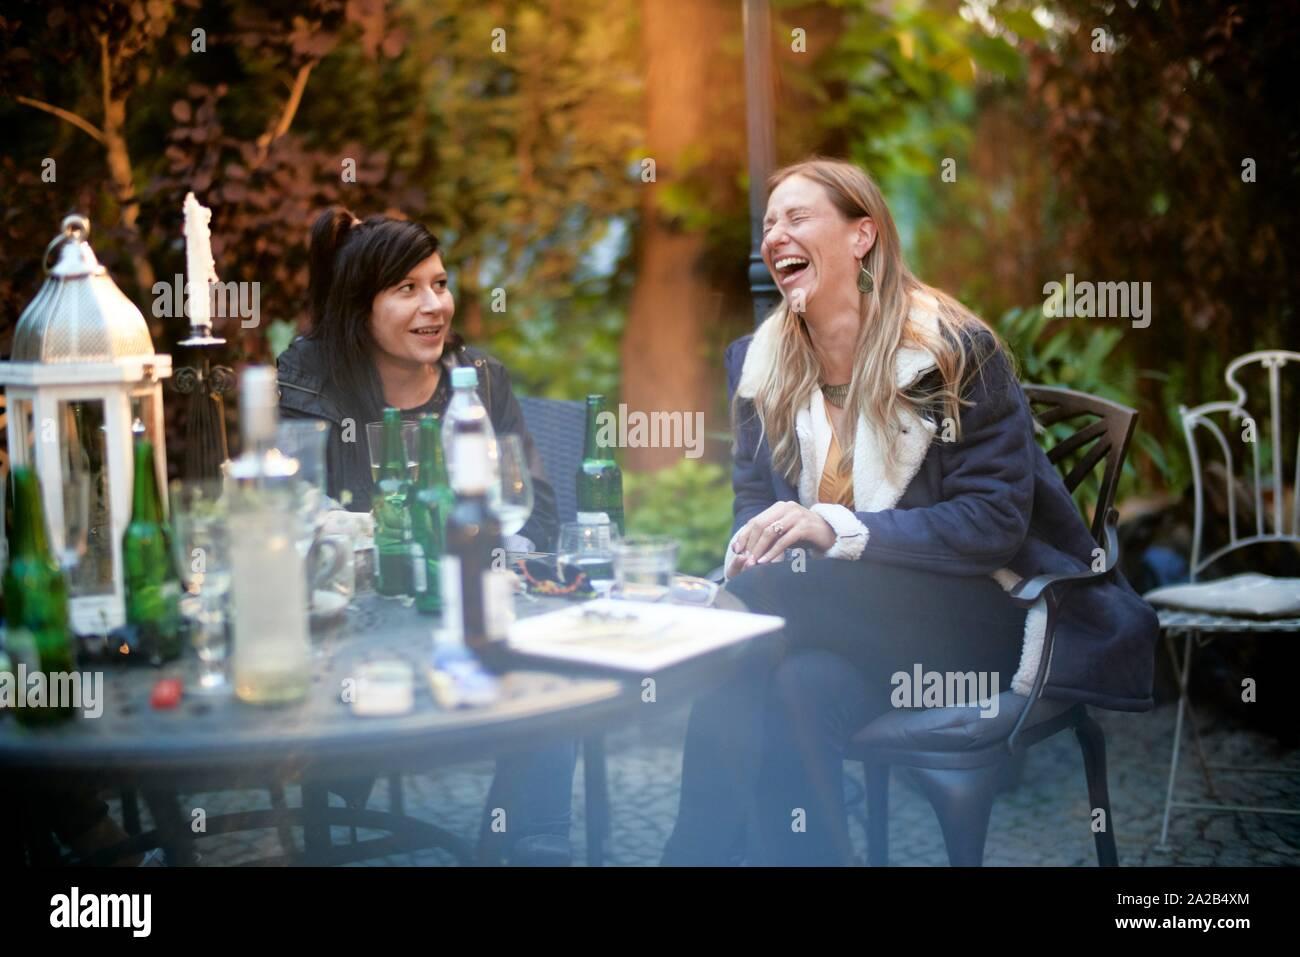 Gerne Frau mittleren Alters im Garden Party Lachen mit Freund Stockfoto